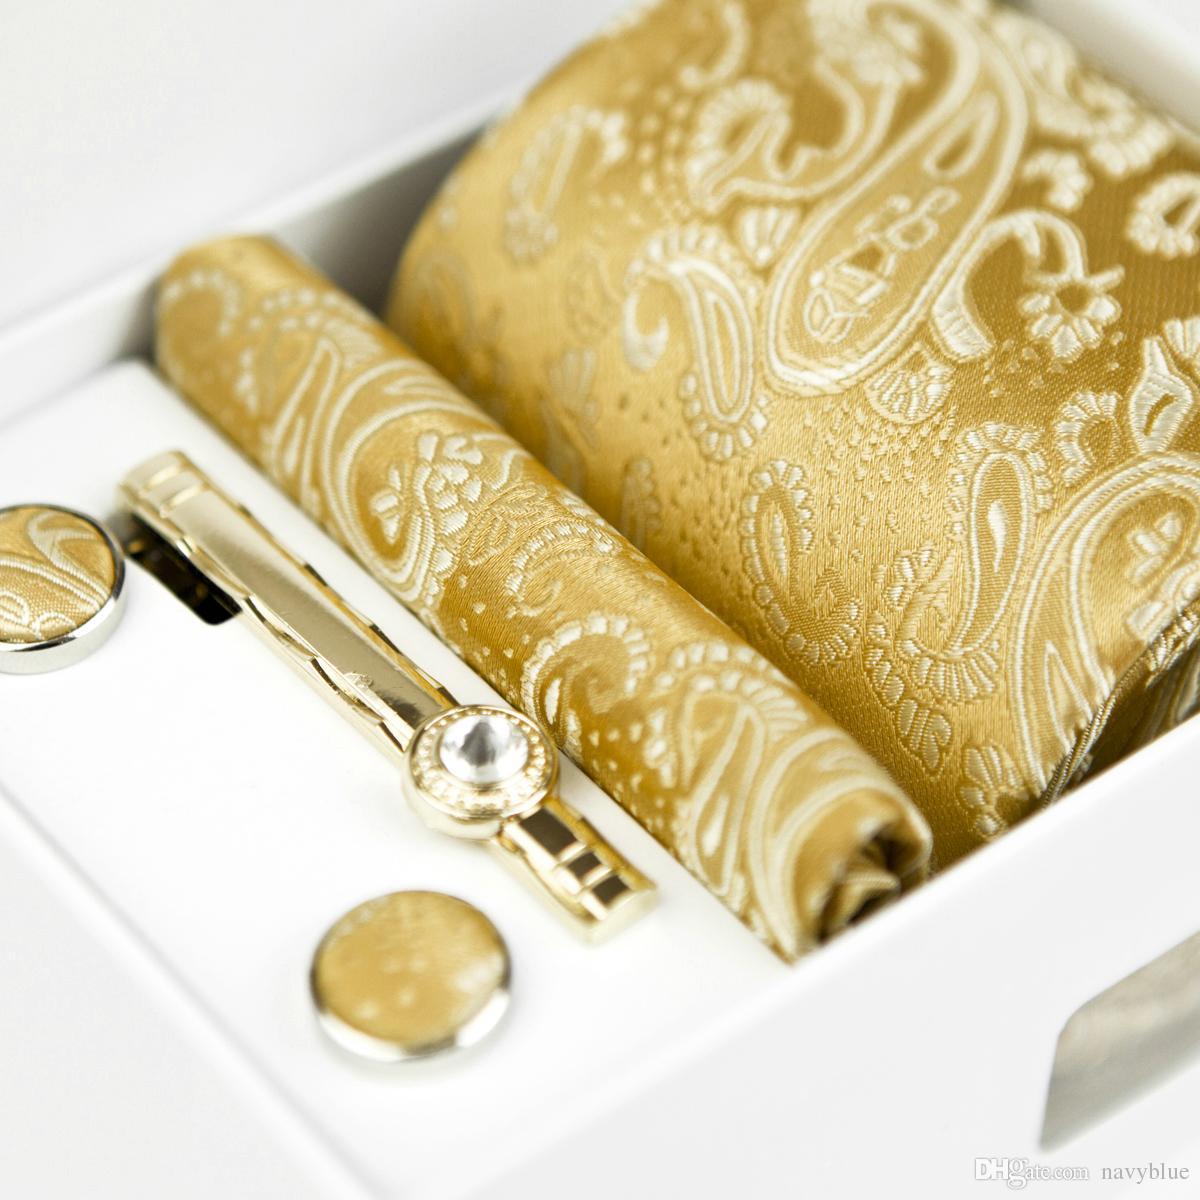 Cravatte Quattro Pezzi Set Floreale Paisley Oro Giallo Giallo Champagne Mens Cravatte Pocket Square Tie Clip Gemelli Nuovo 100% Seta Nuovo Commercio All'ingrosso